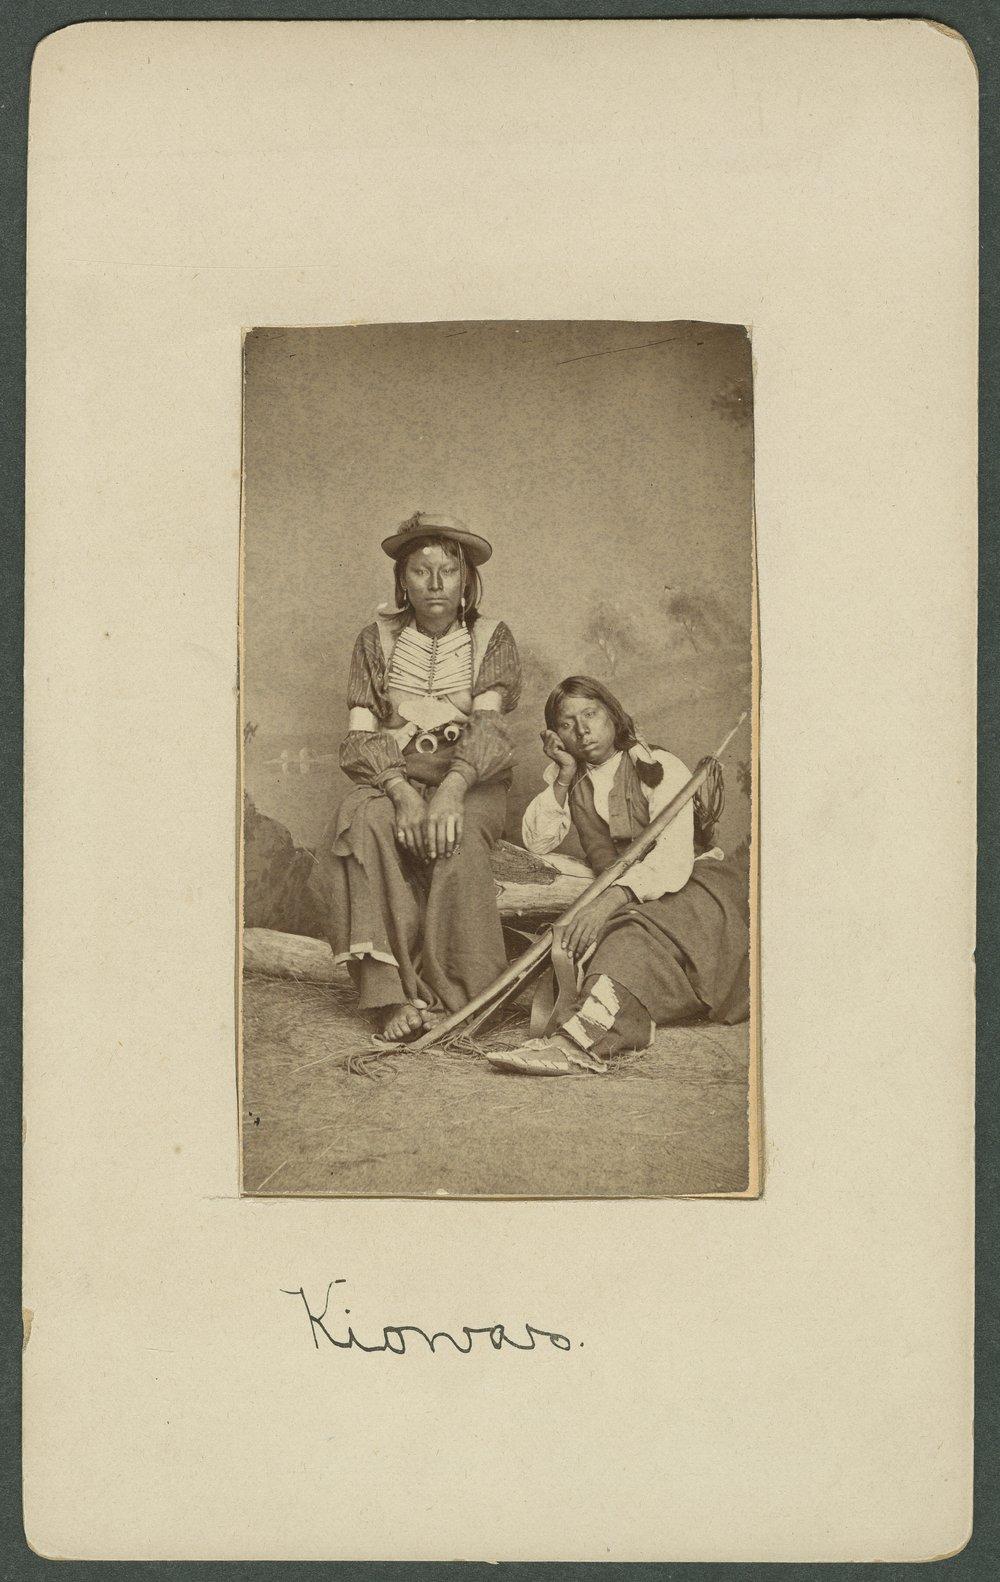 Two Kiowa boys in Indian Territory - 1